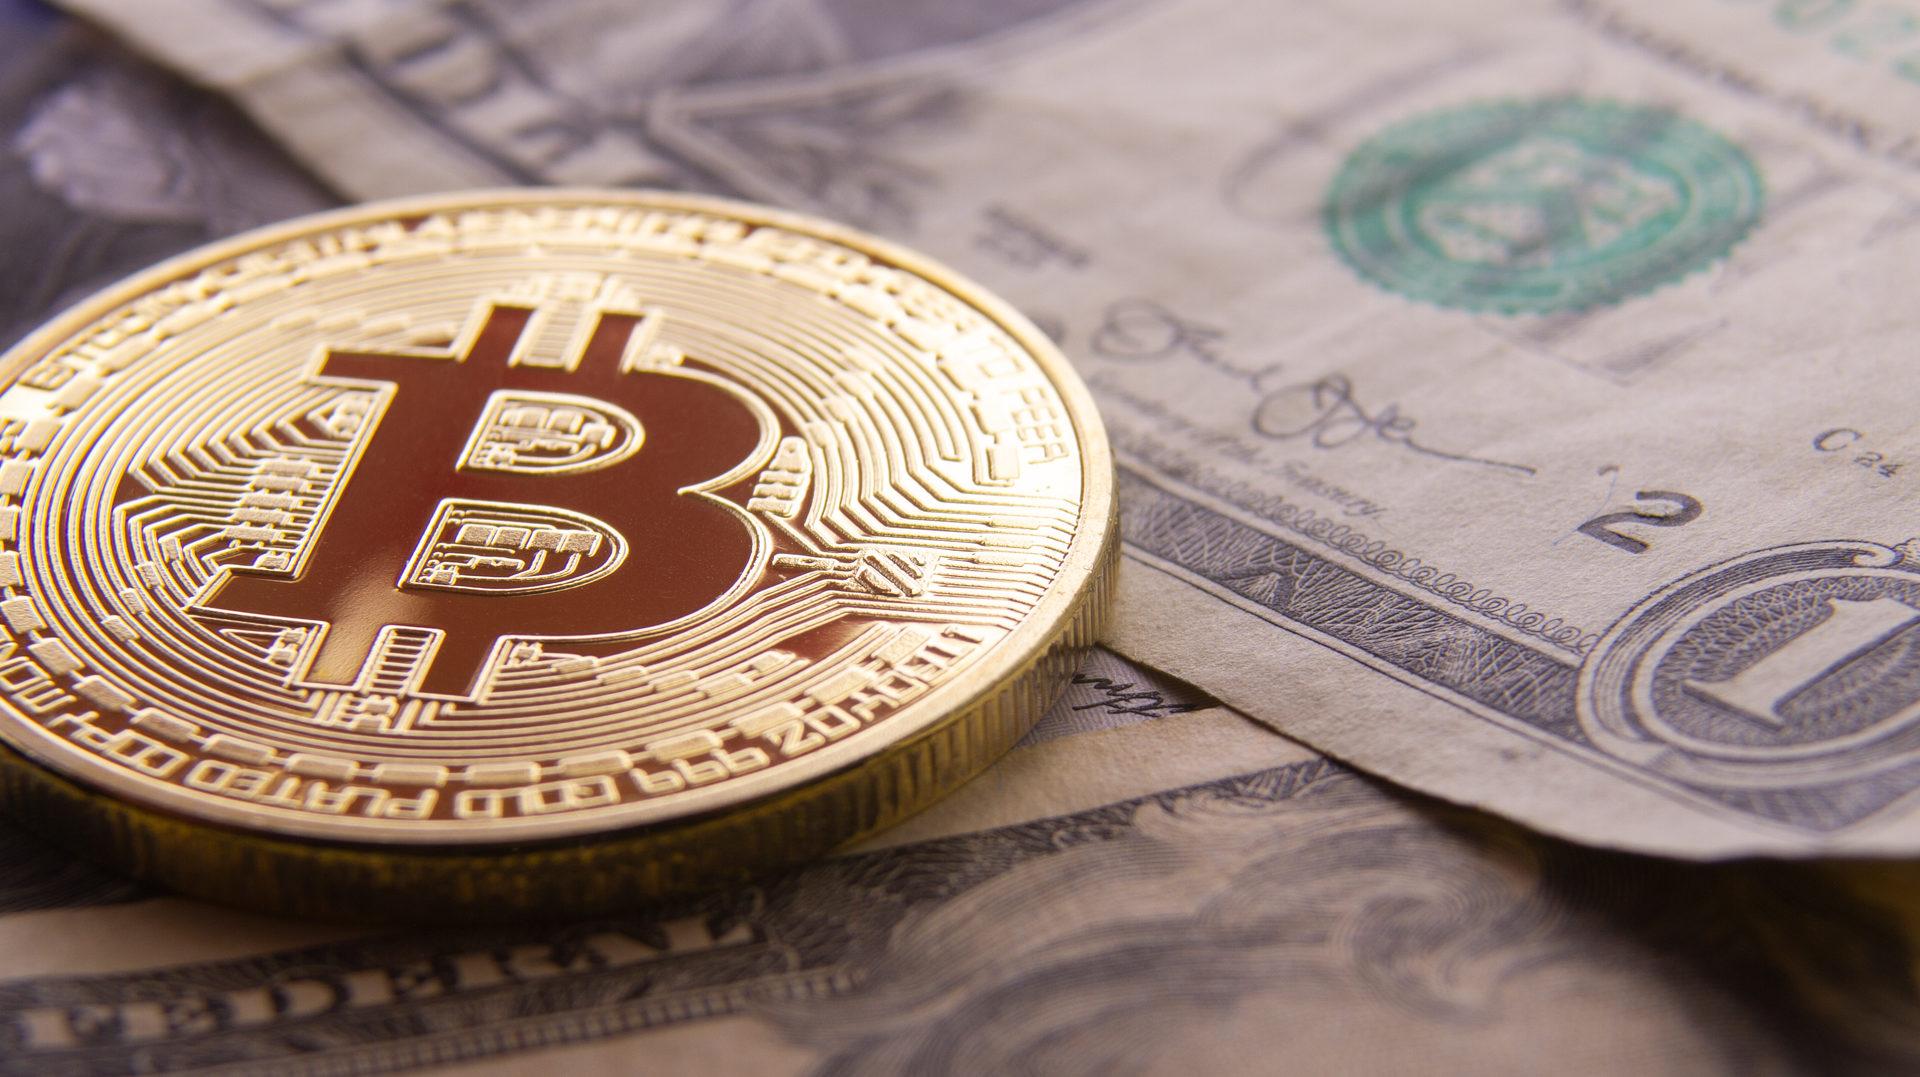 pandemi doları etkilirse kazanan bitcoin mi olur